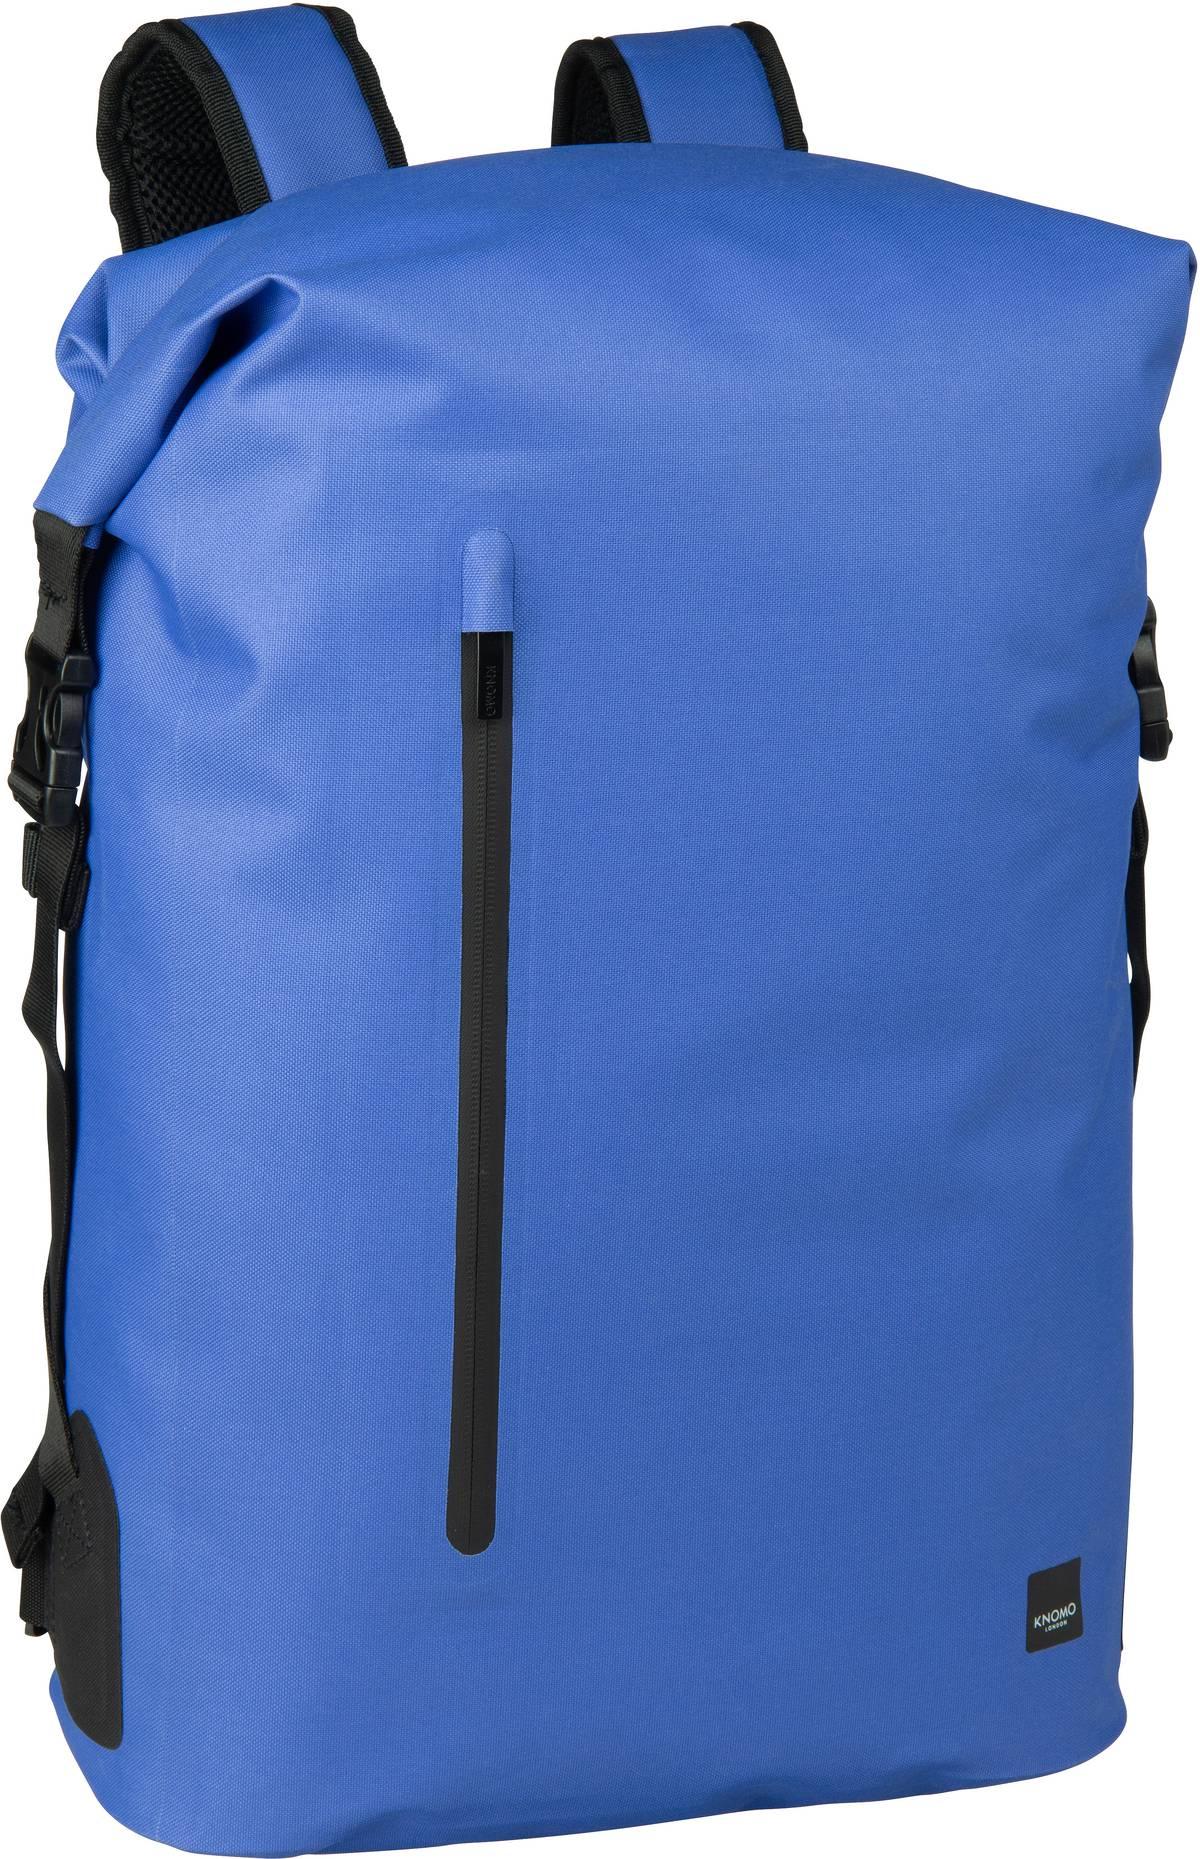 Rucksack / Daypack Thames Cromwell 15'' Azure Blue (27.5 Liter)